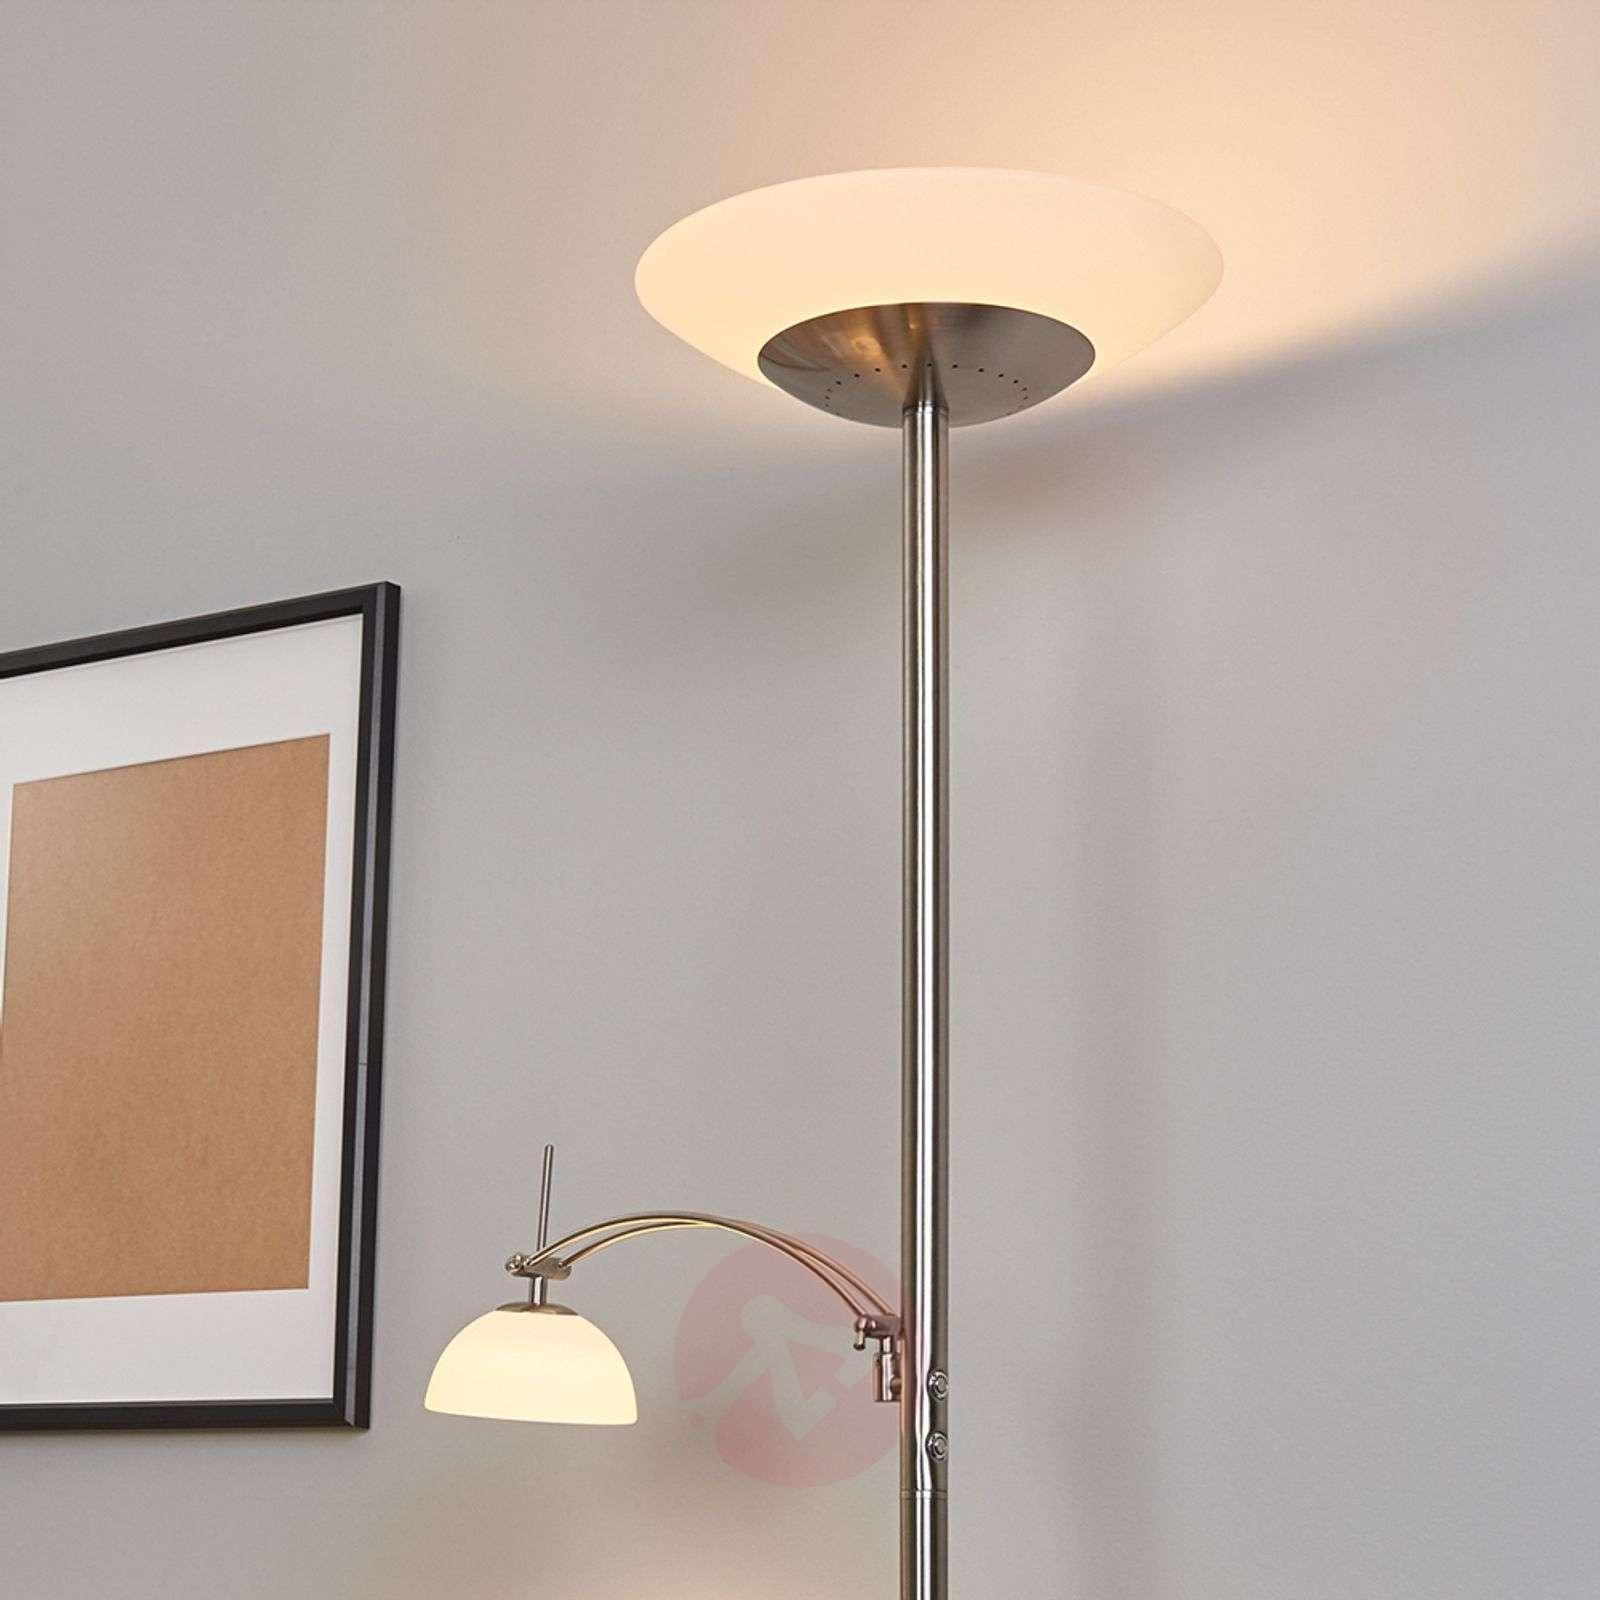 Raiko LED-jalkalamppu/lukulamppu, himmennettävä-4018078-02